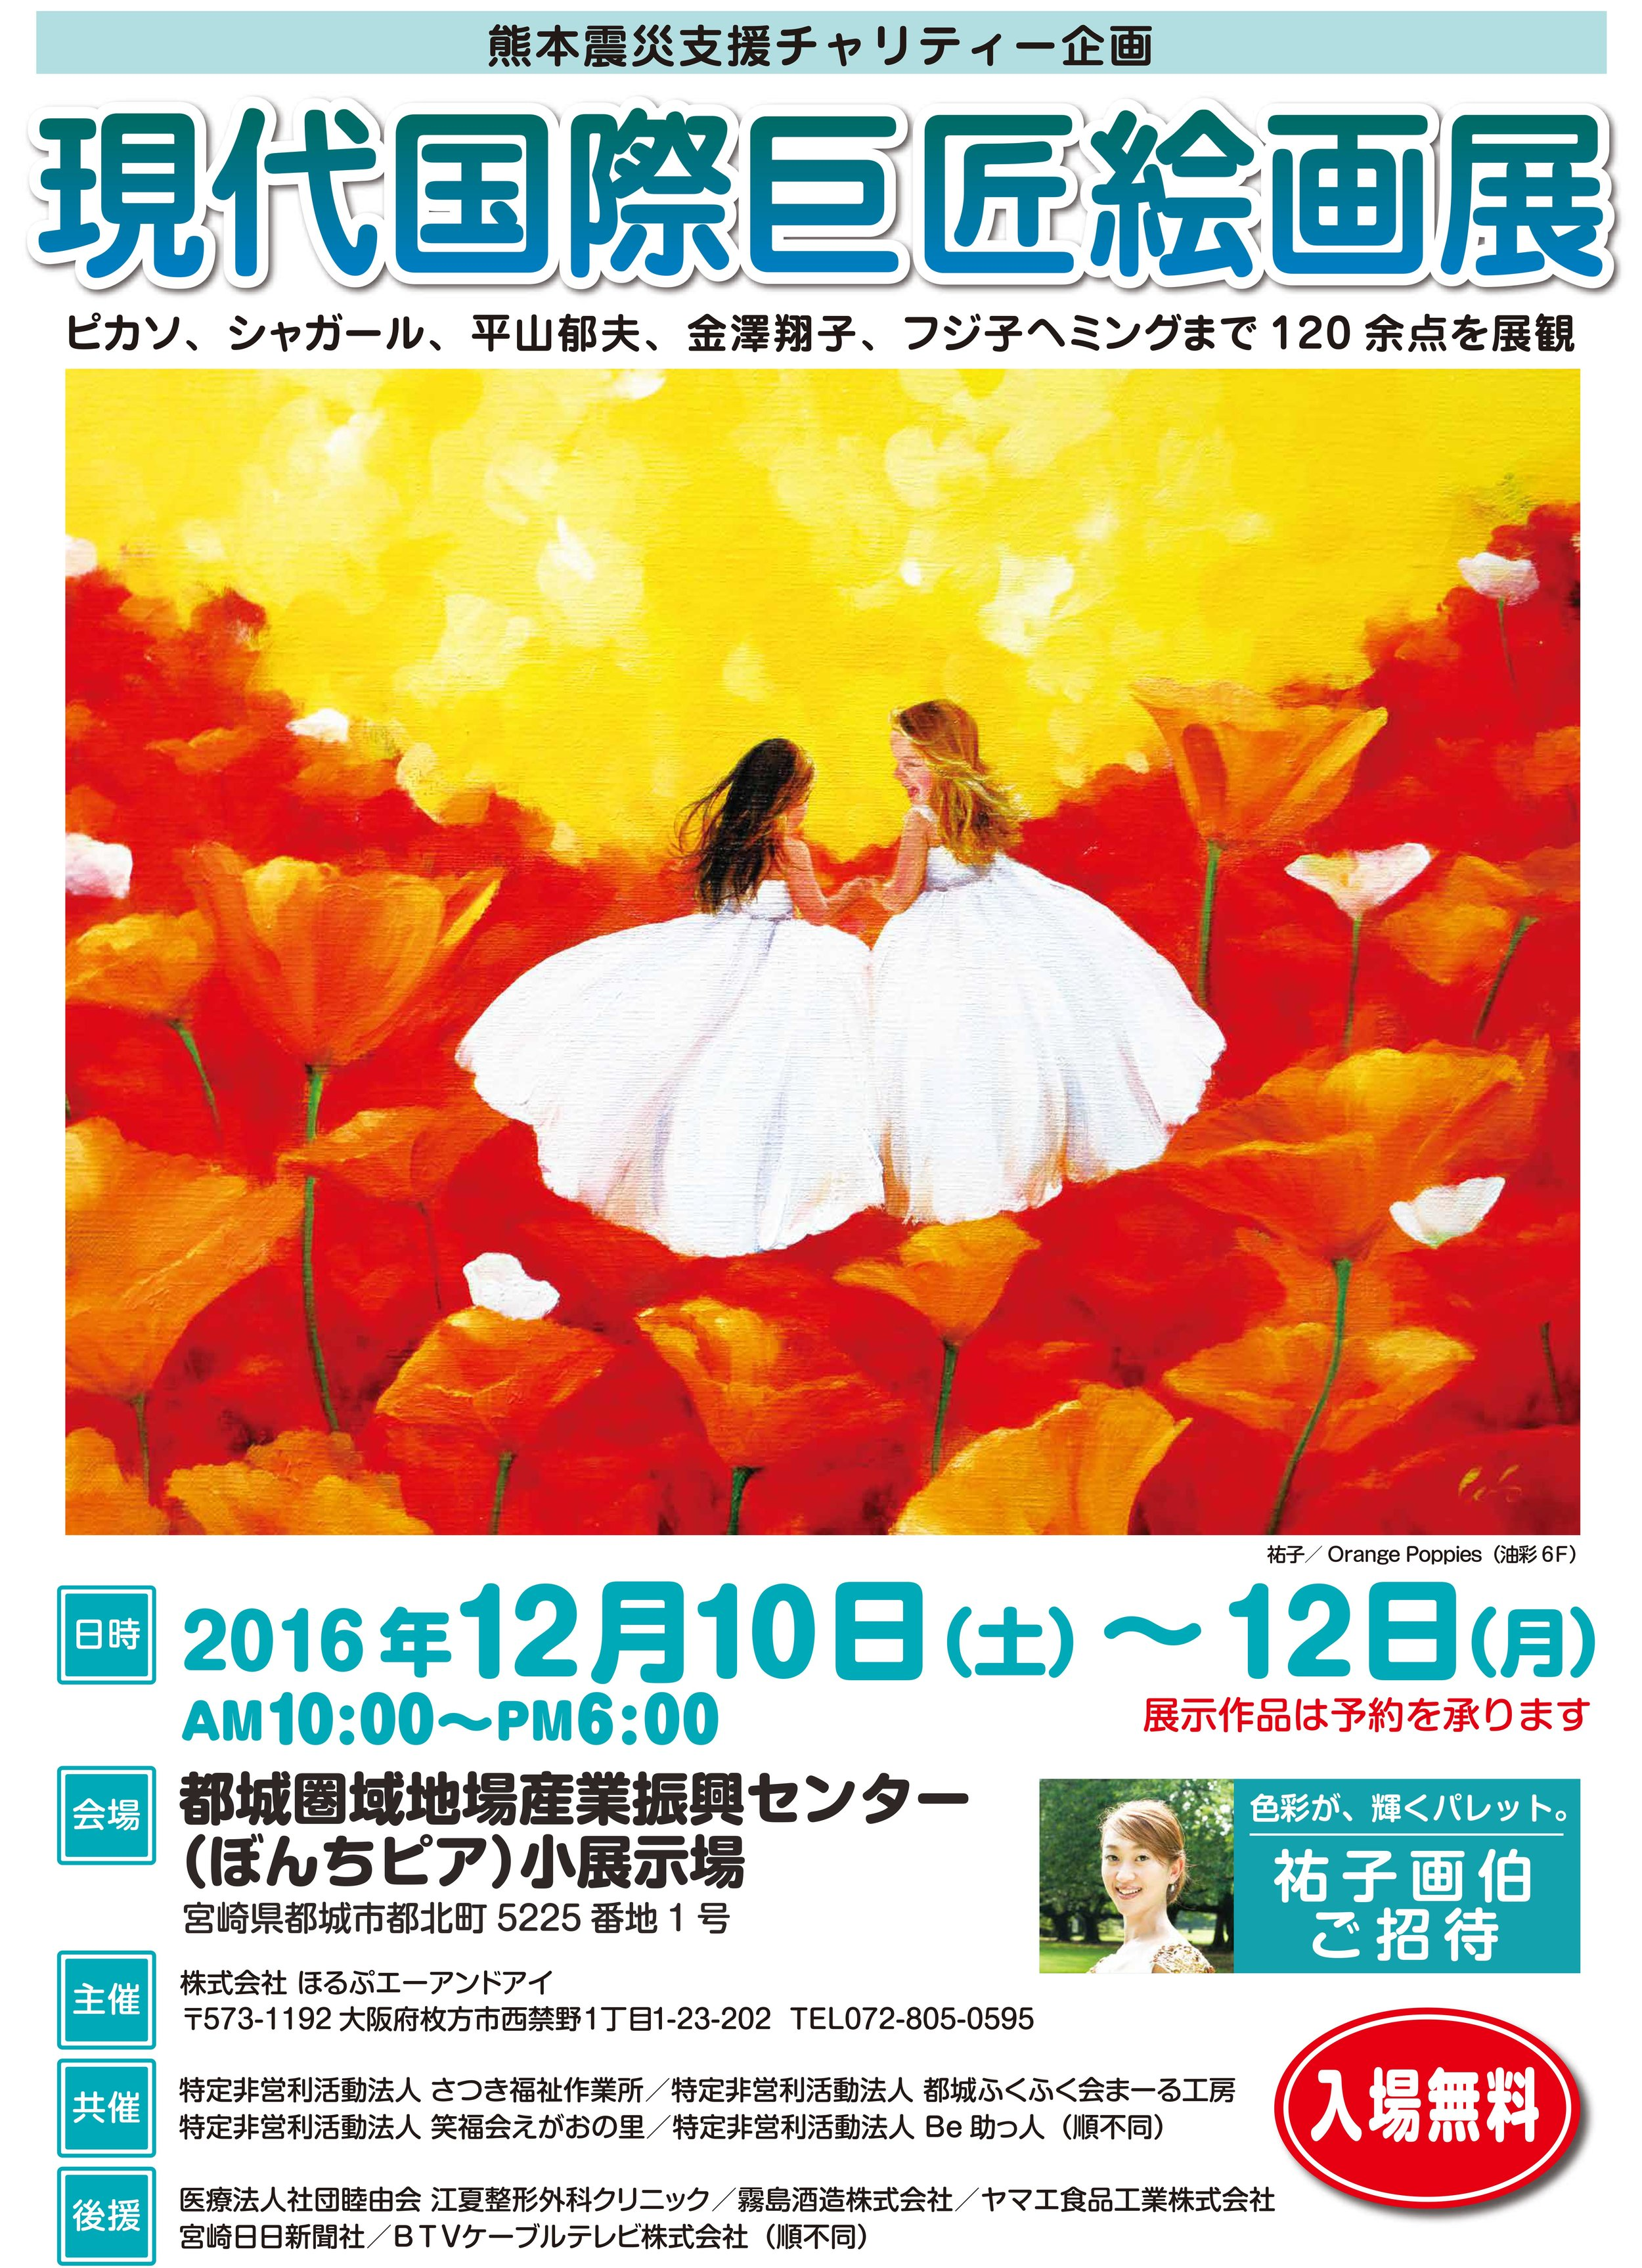 現代国際巨匠絵画展2016 ポスター      SOLD OUT  Orange Poppies